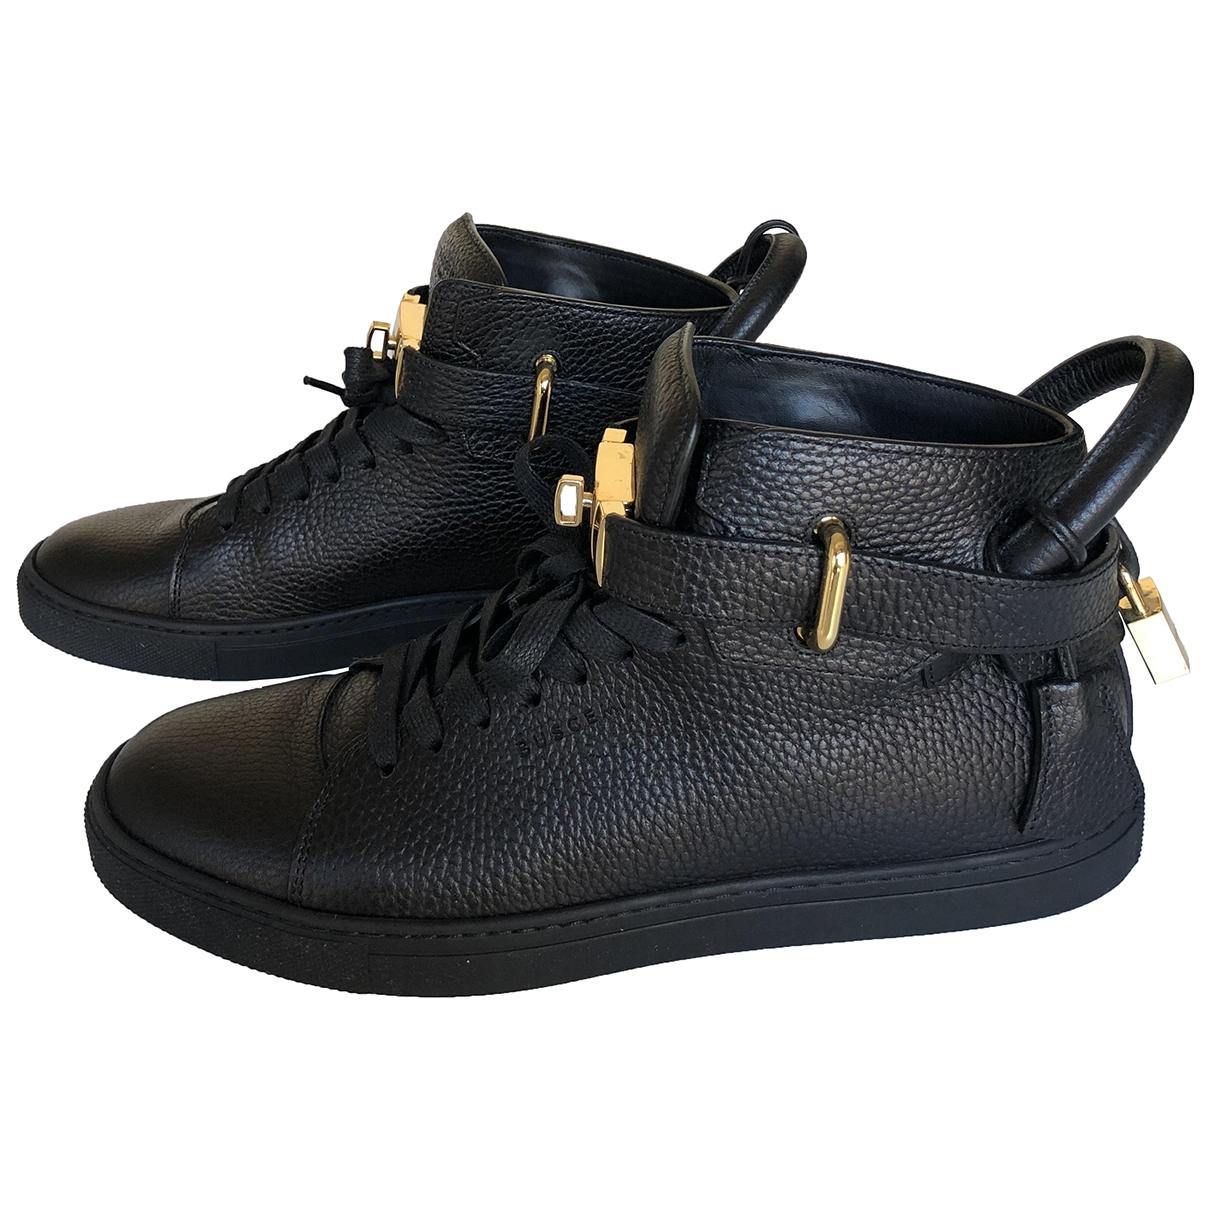 Buscemi - Baskets   pour homme en cuir - noir